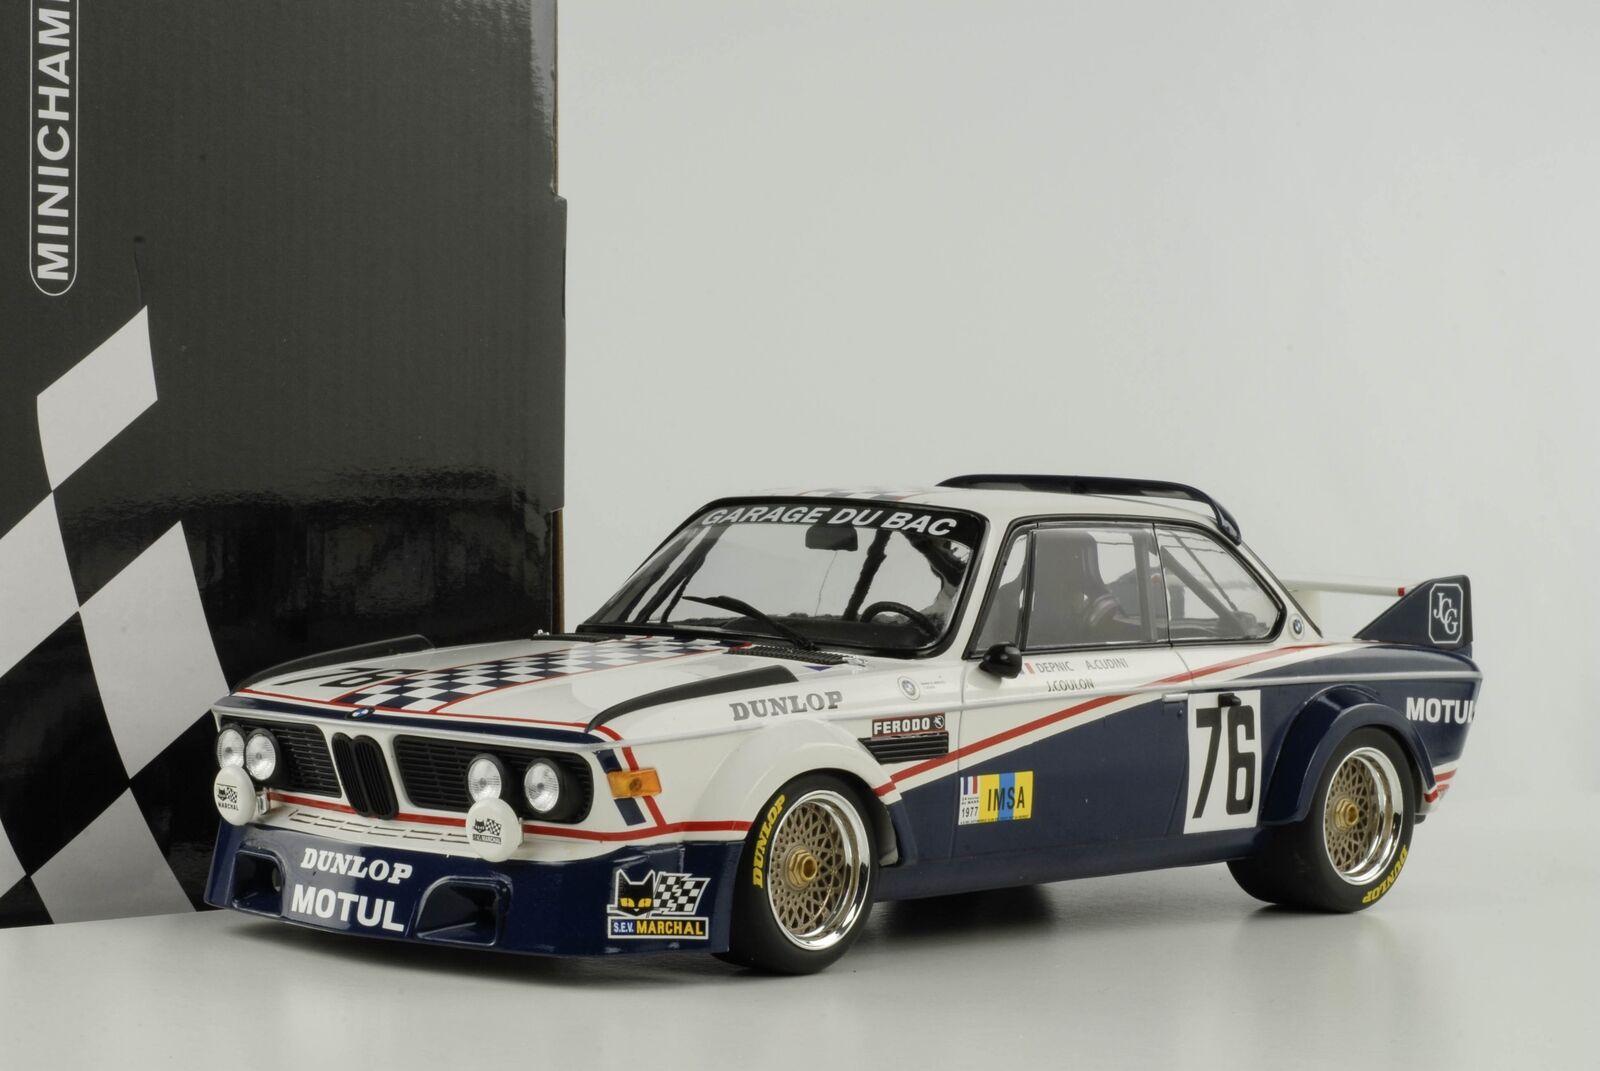 BMW 3.0 CSL 24 H LE MANS MANS MANS 1977 DEPINCE Coulon 1 18 Minichamps 155772576 76c9d9